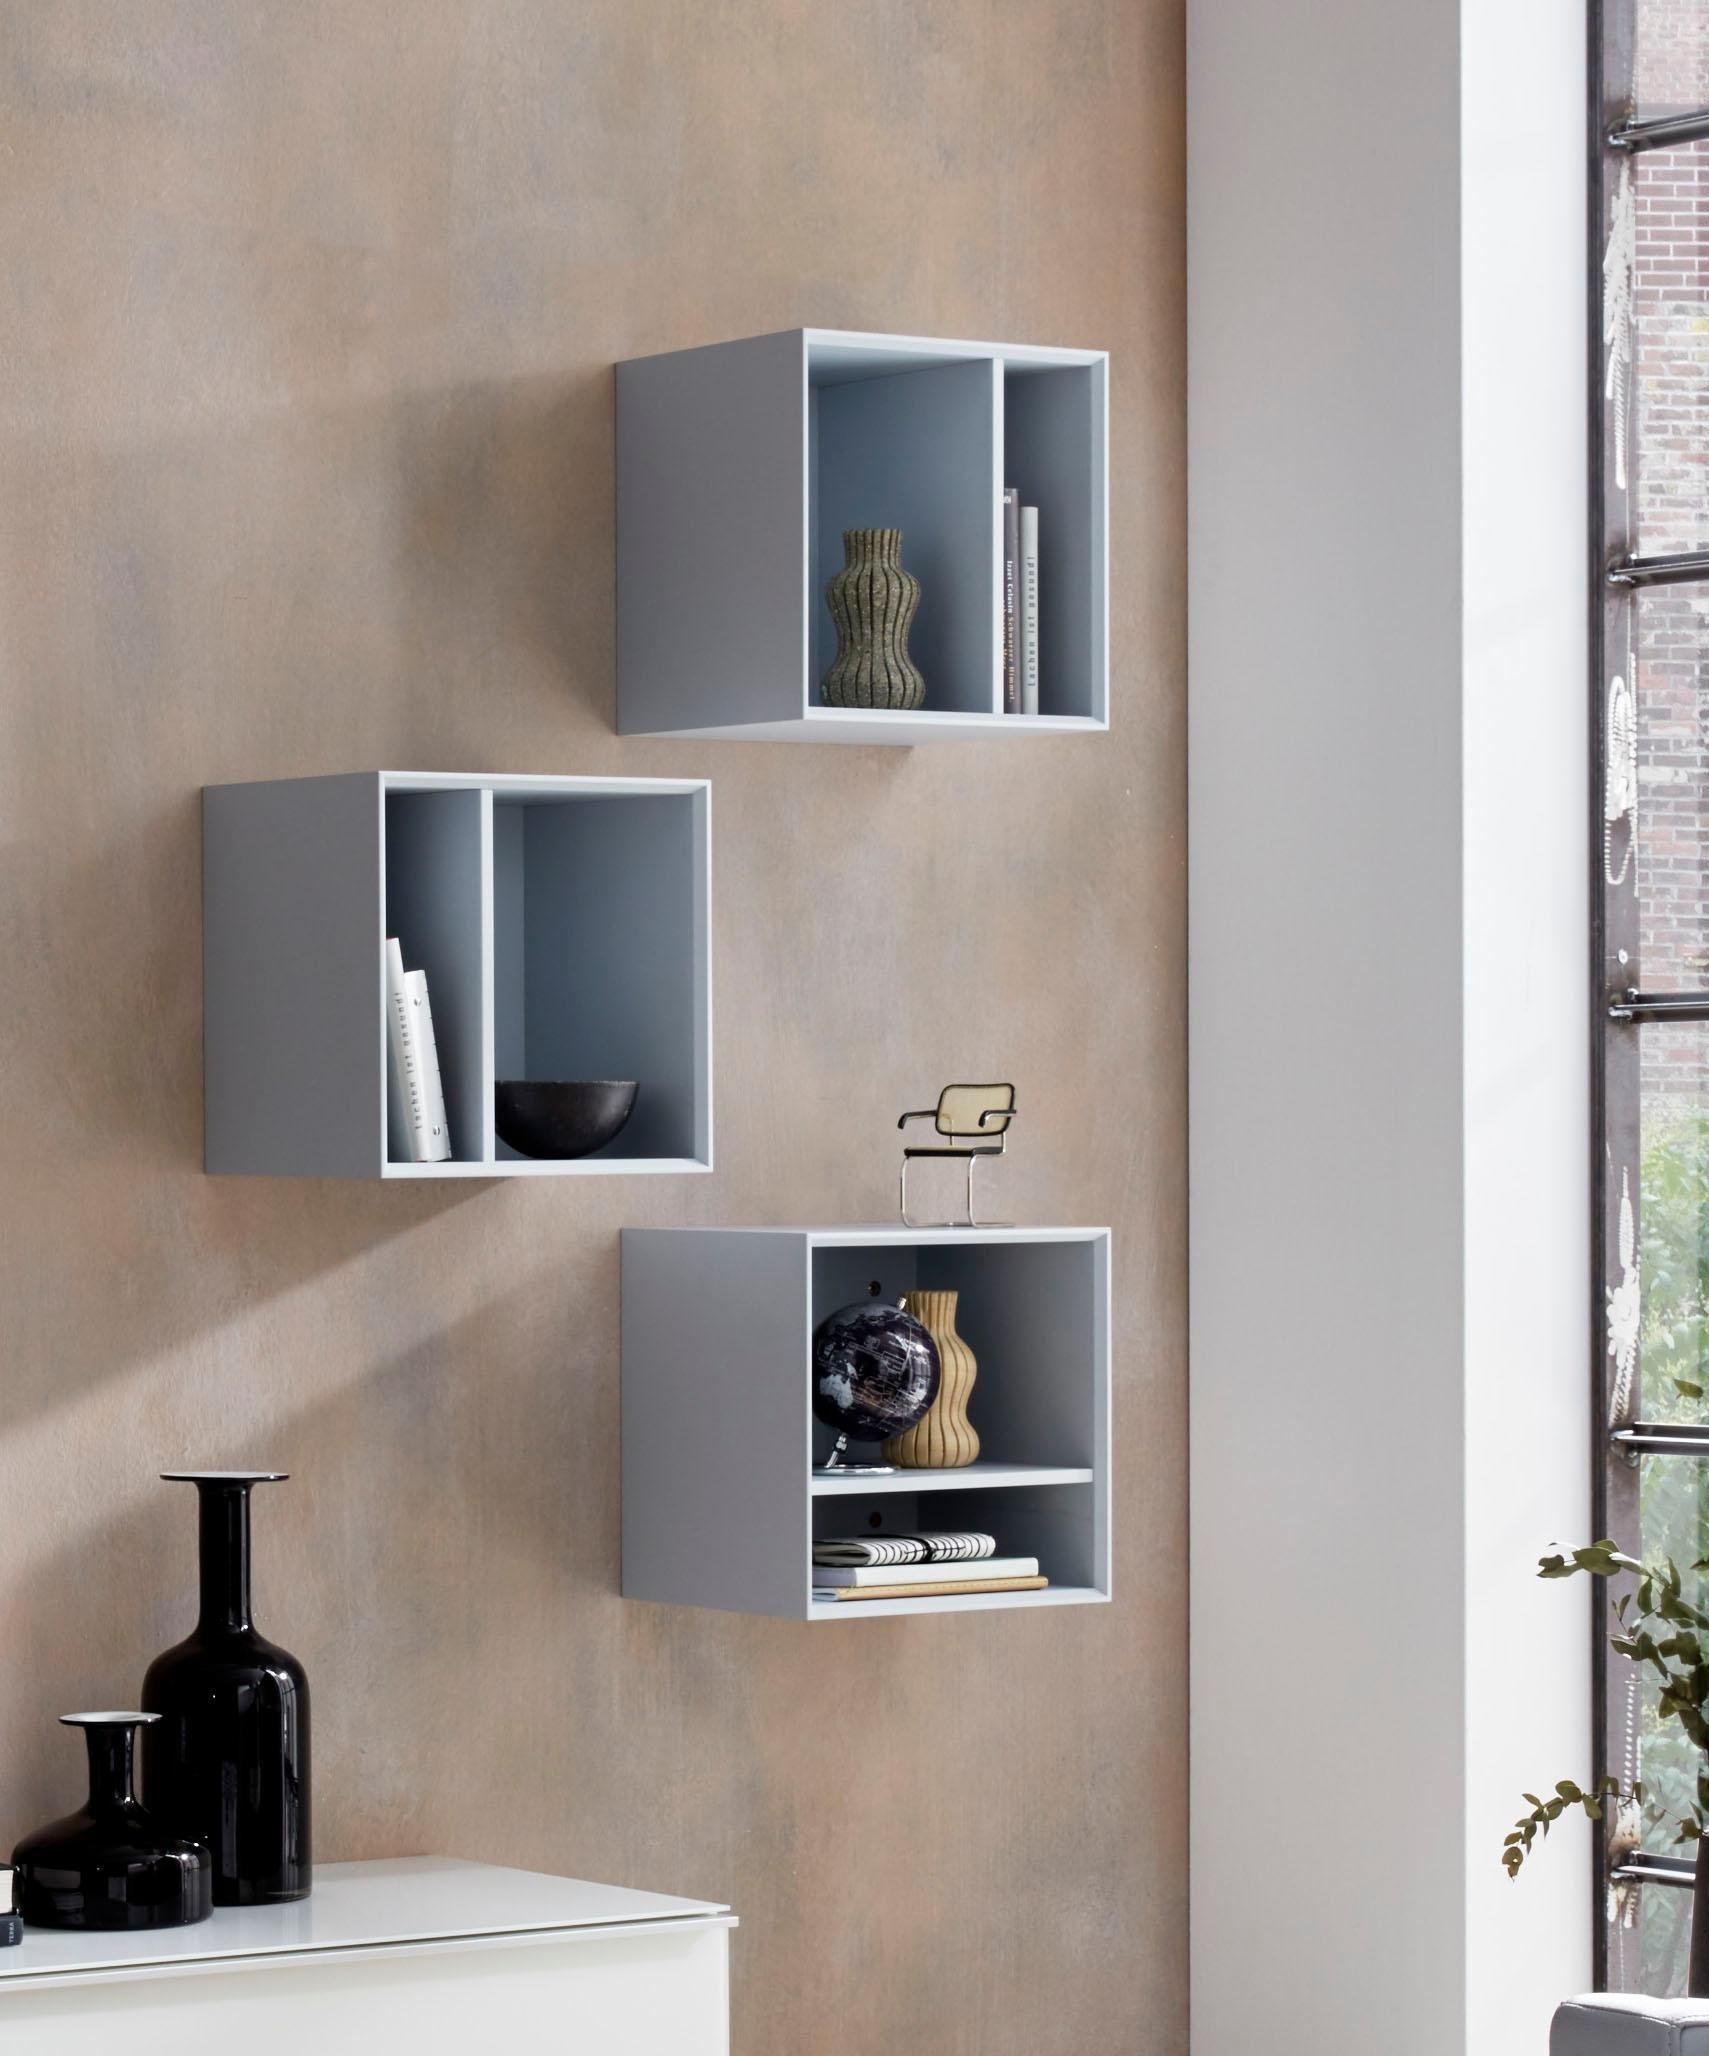 Germania Regalwürfel »Larino«, Breite 35 cm | Wohnzimmer > Regale > Regalwürfel | Spanplatte - Sonoma - Eiche - Nachbildung - Abs | GERMANIA